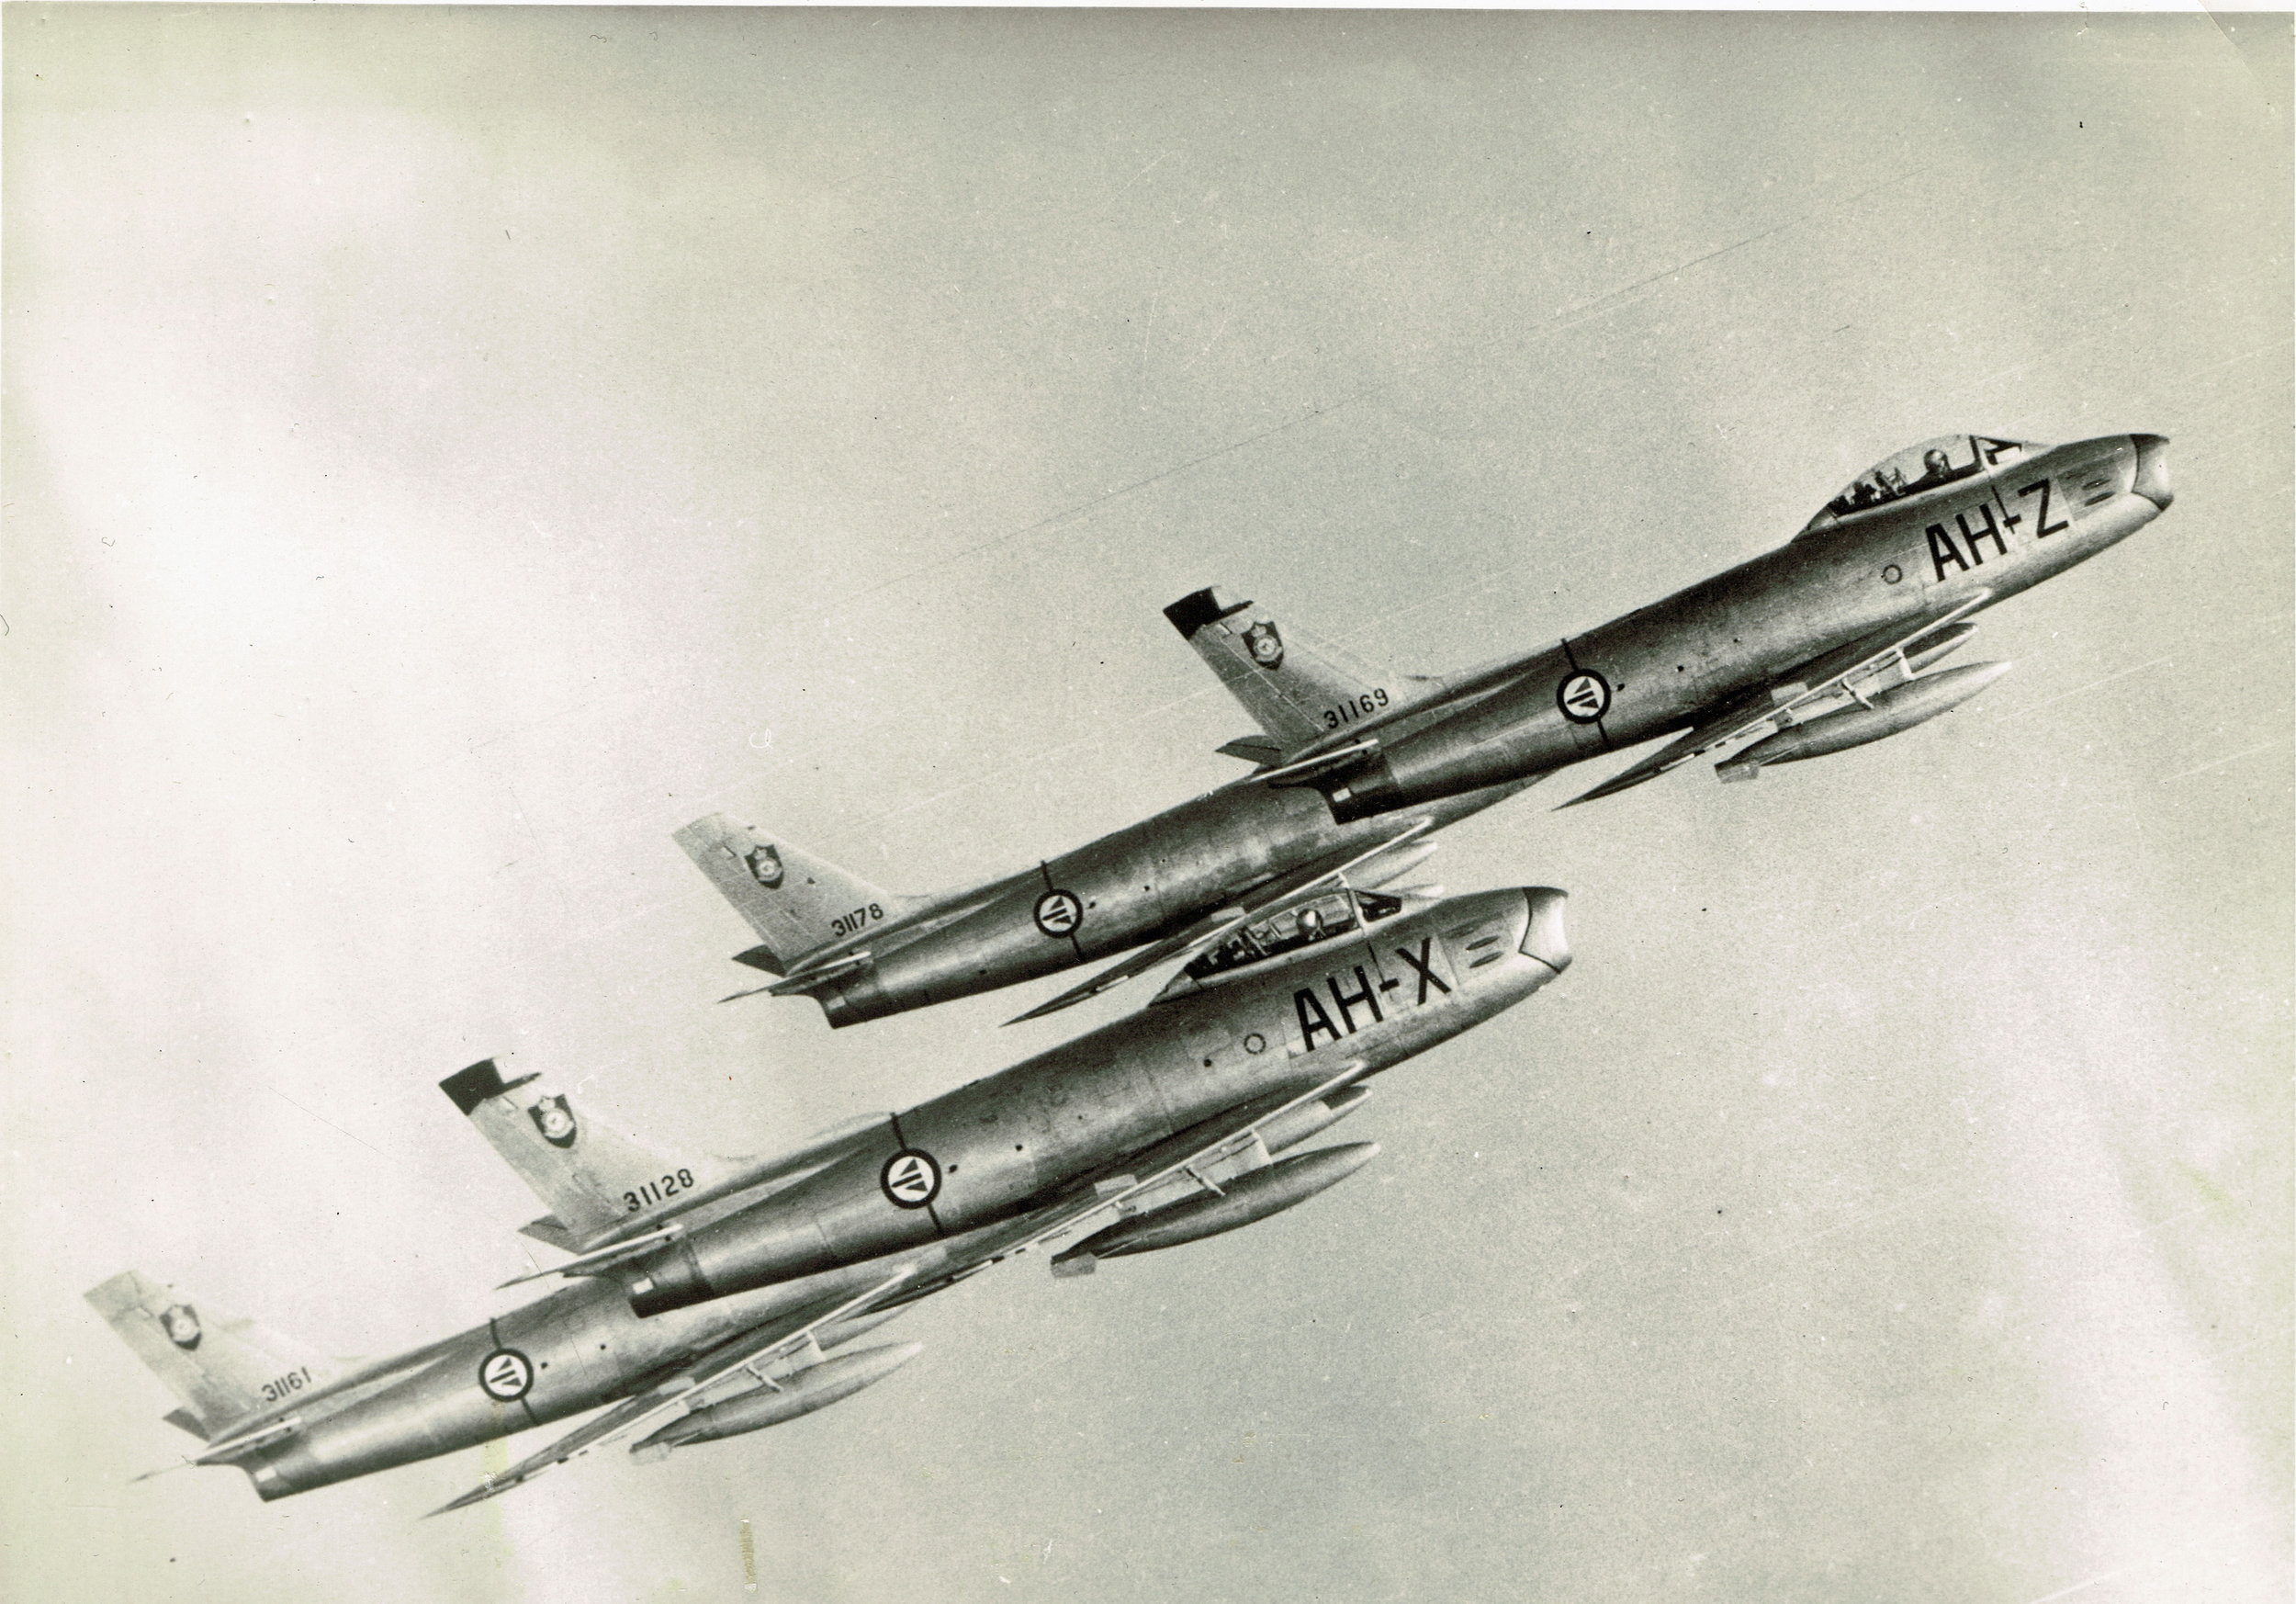 F-86F Sabre før Flying Joker fikk spesialmaling på flyene.                                                                         Foto Stein Klaveness 717 Skvadron